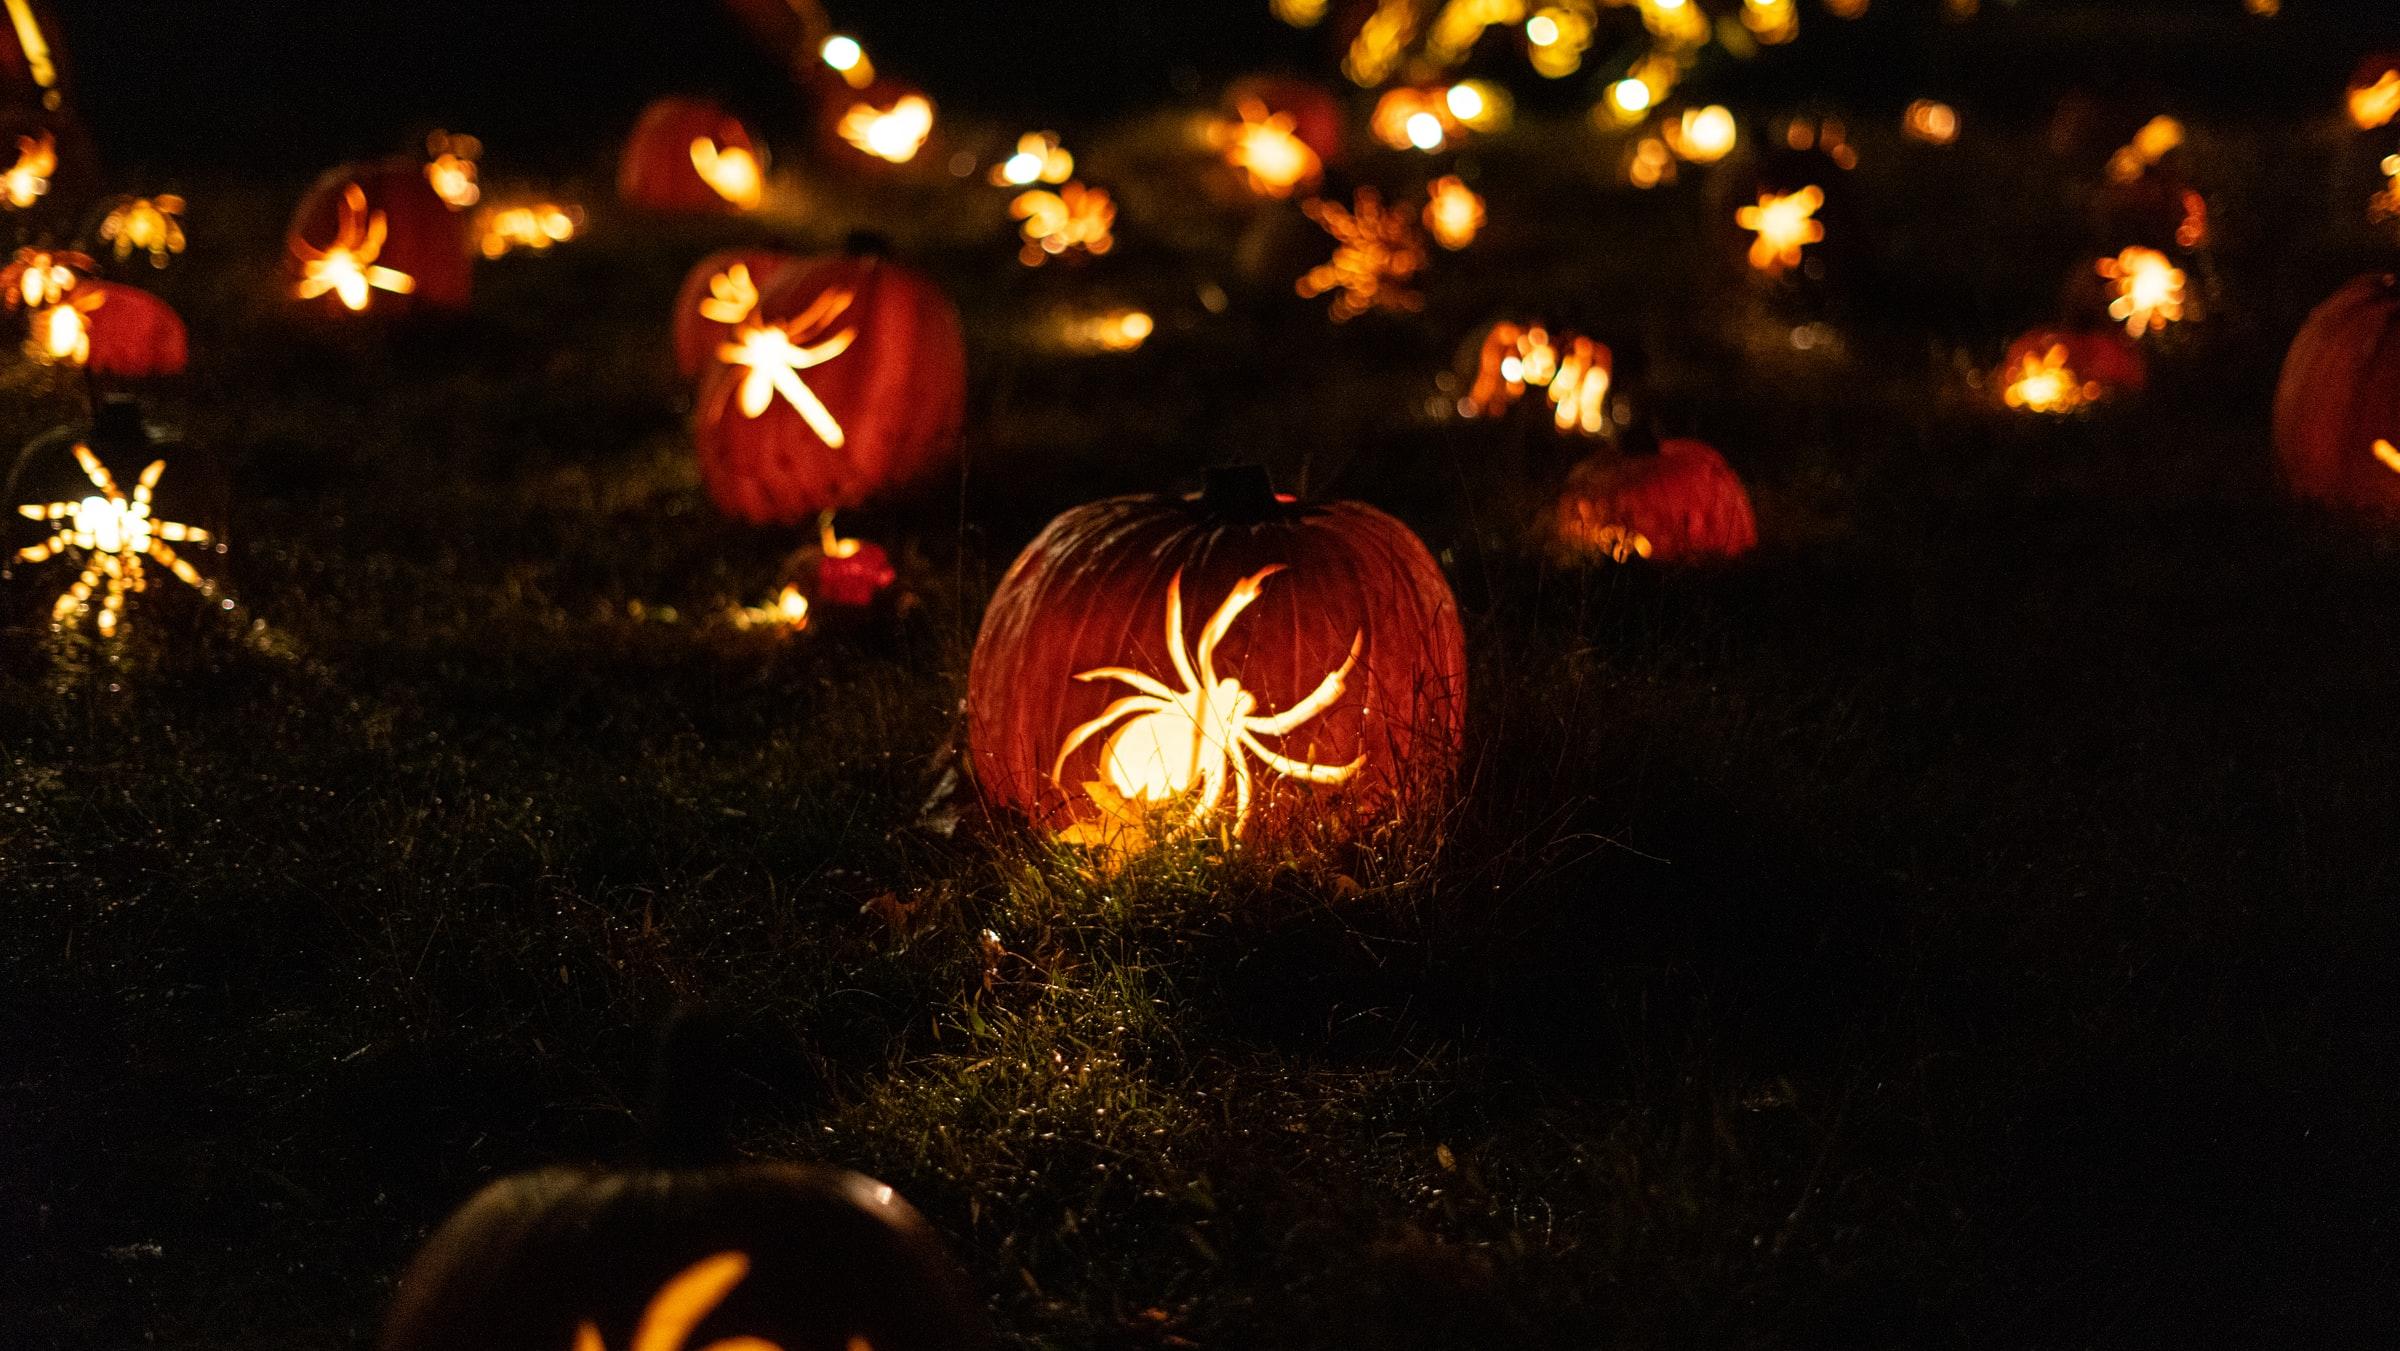 Field of jack-o-lanterns lit up